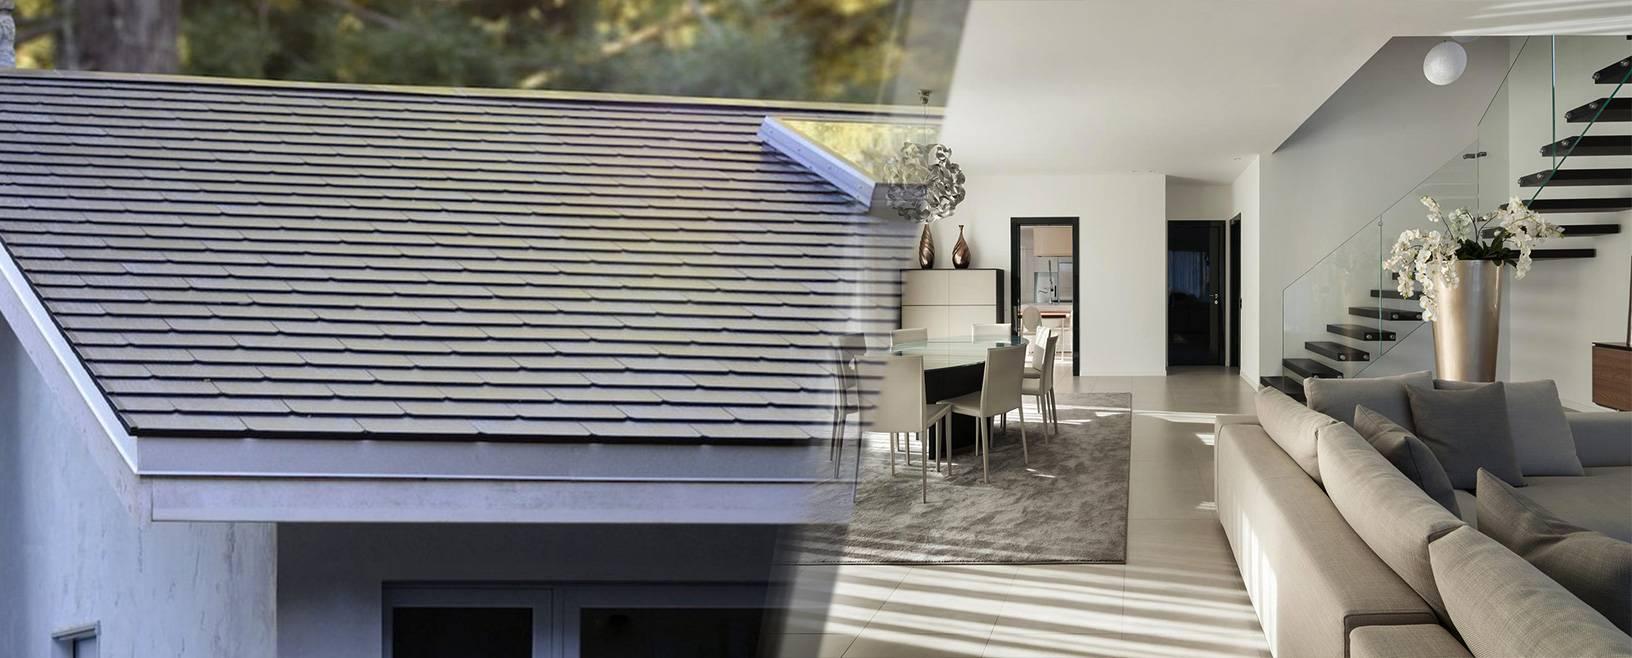 riparazione tetto tenerife